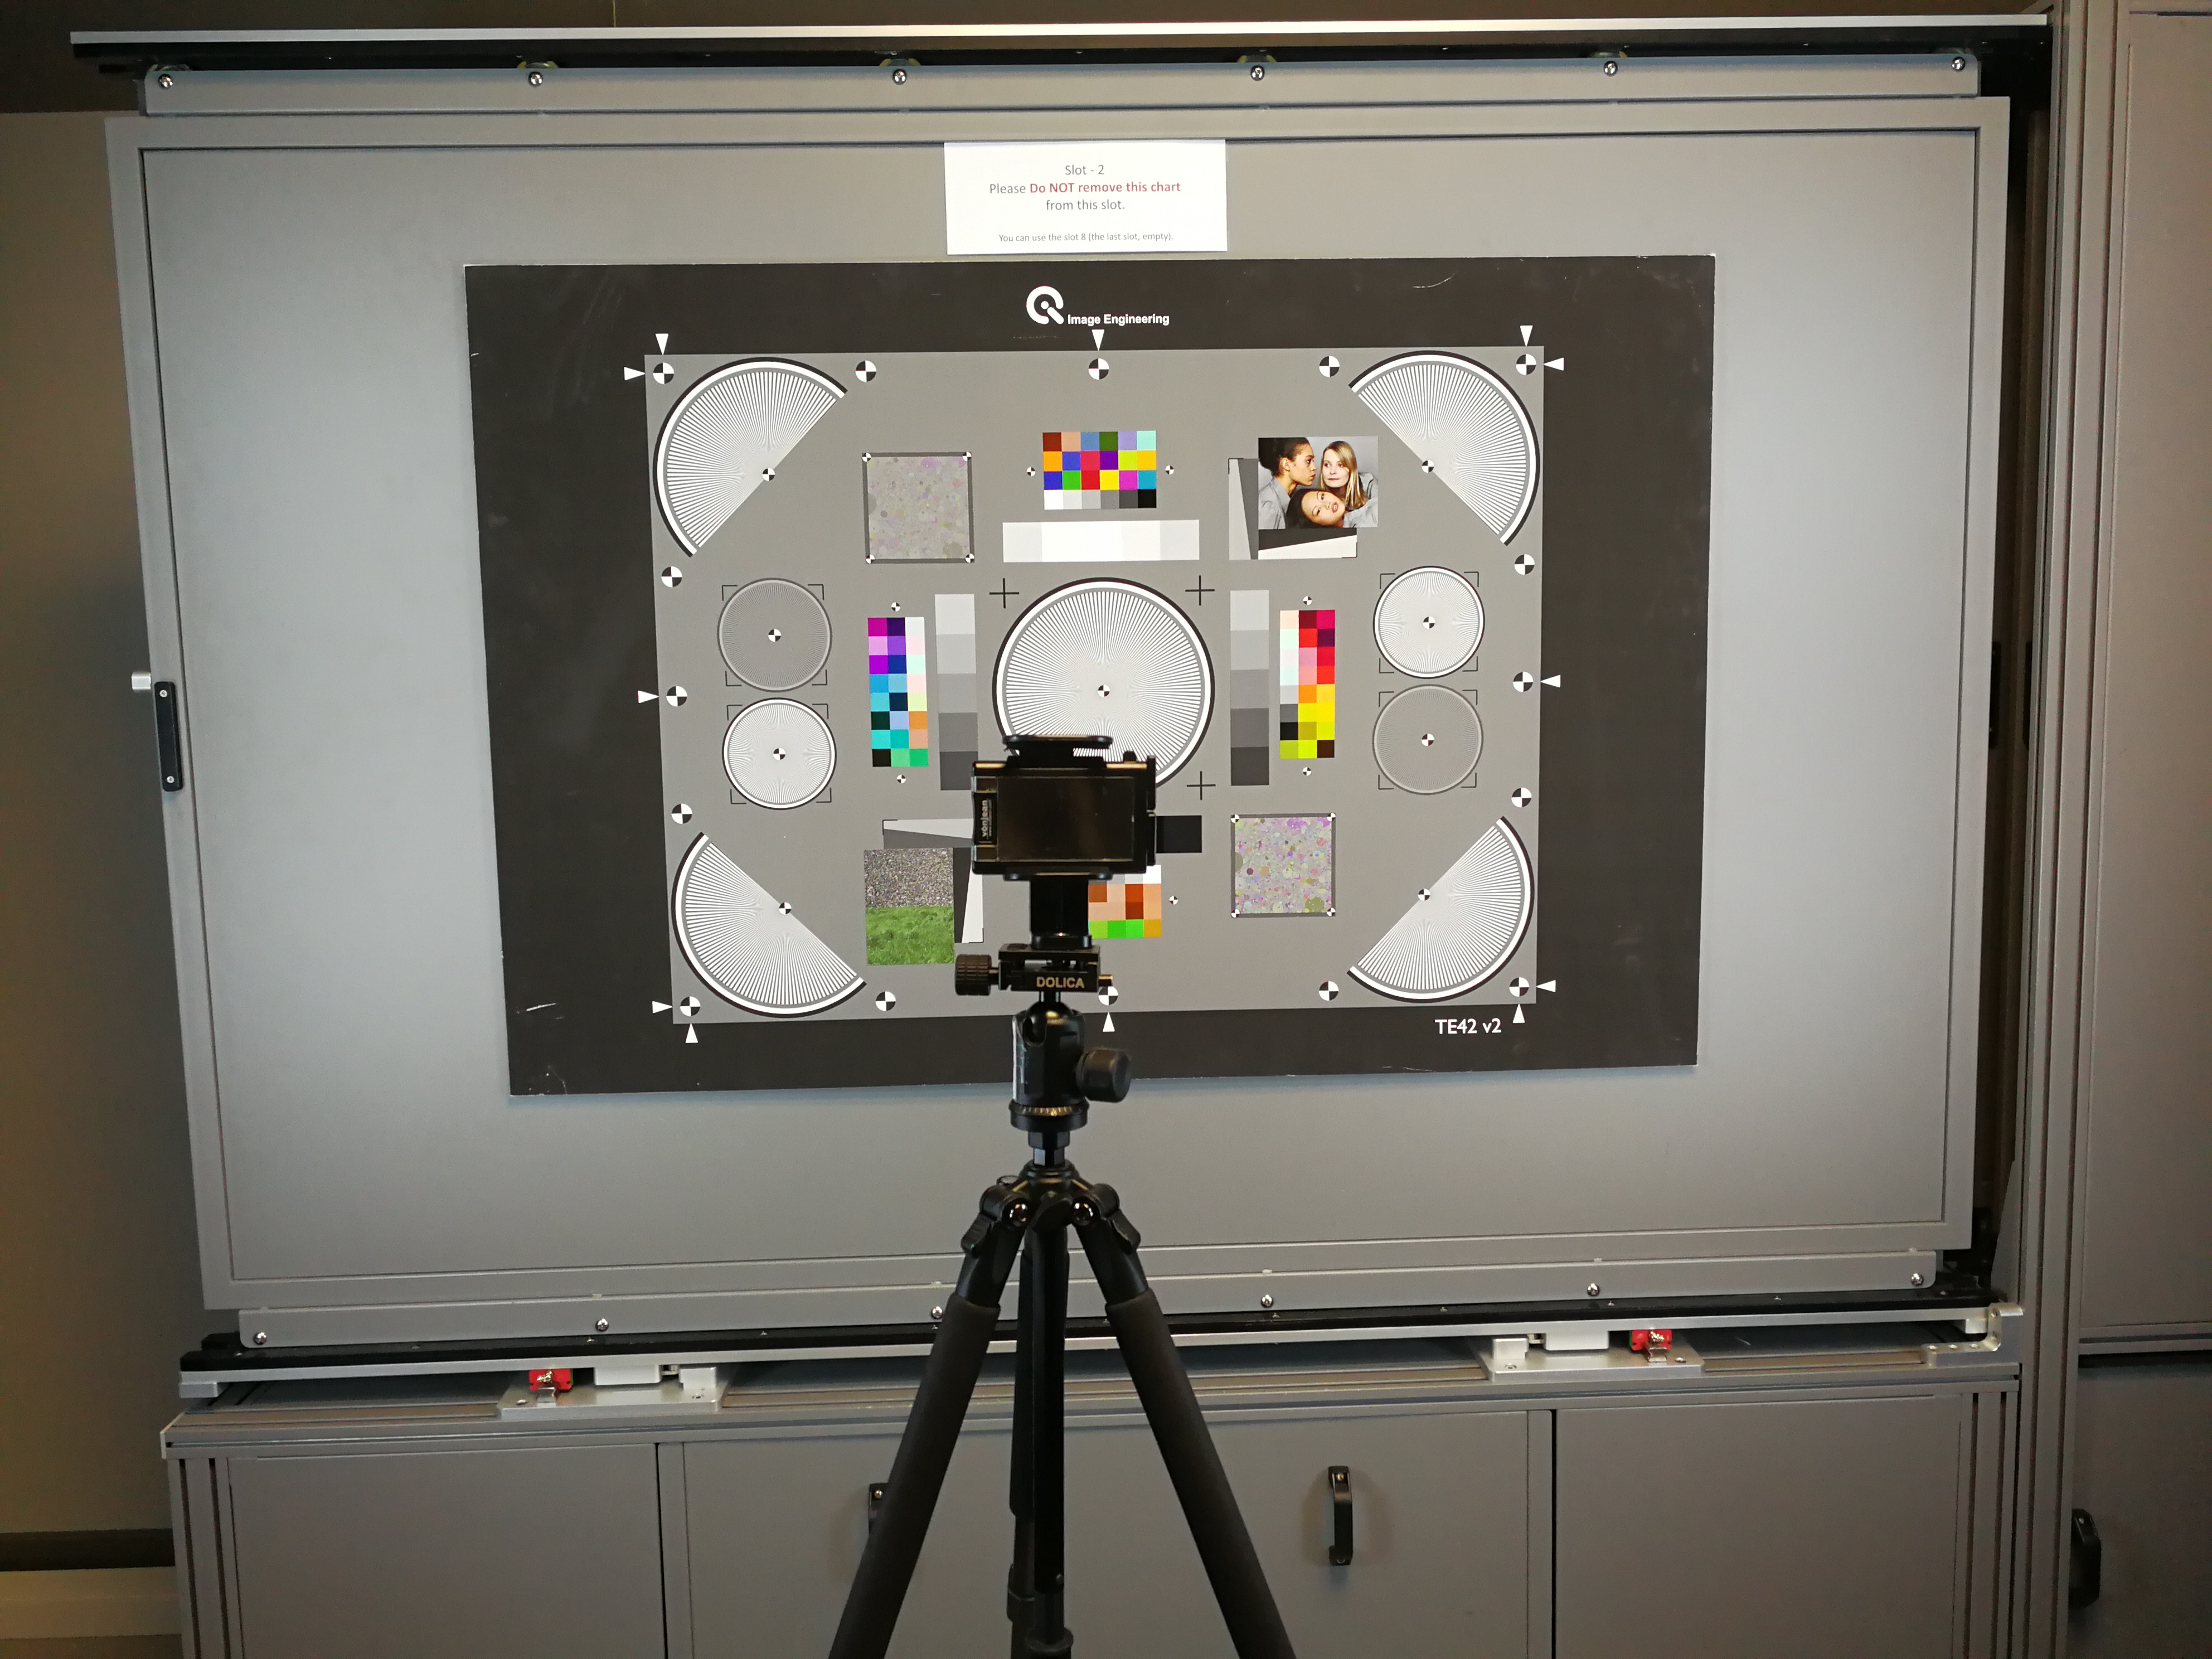 El laboratorio prueba el rendimiento de la tecnología de imagen en diferentes ambientes de luz y enfoque.